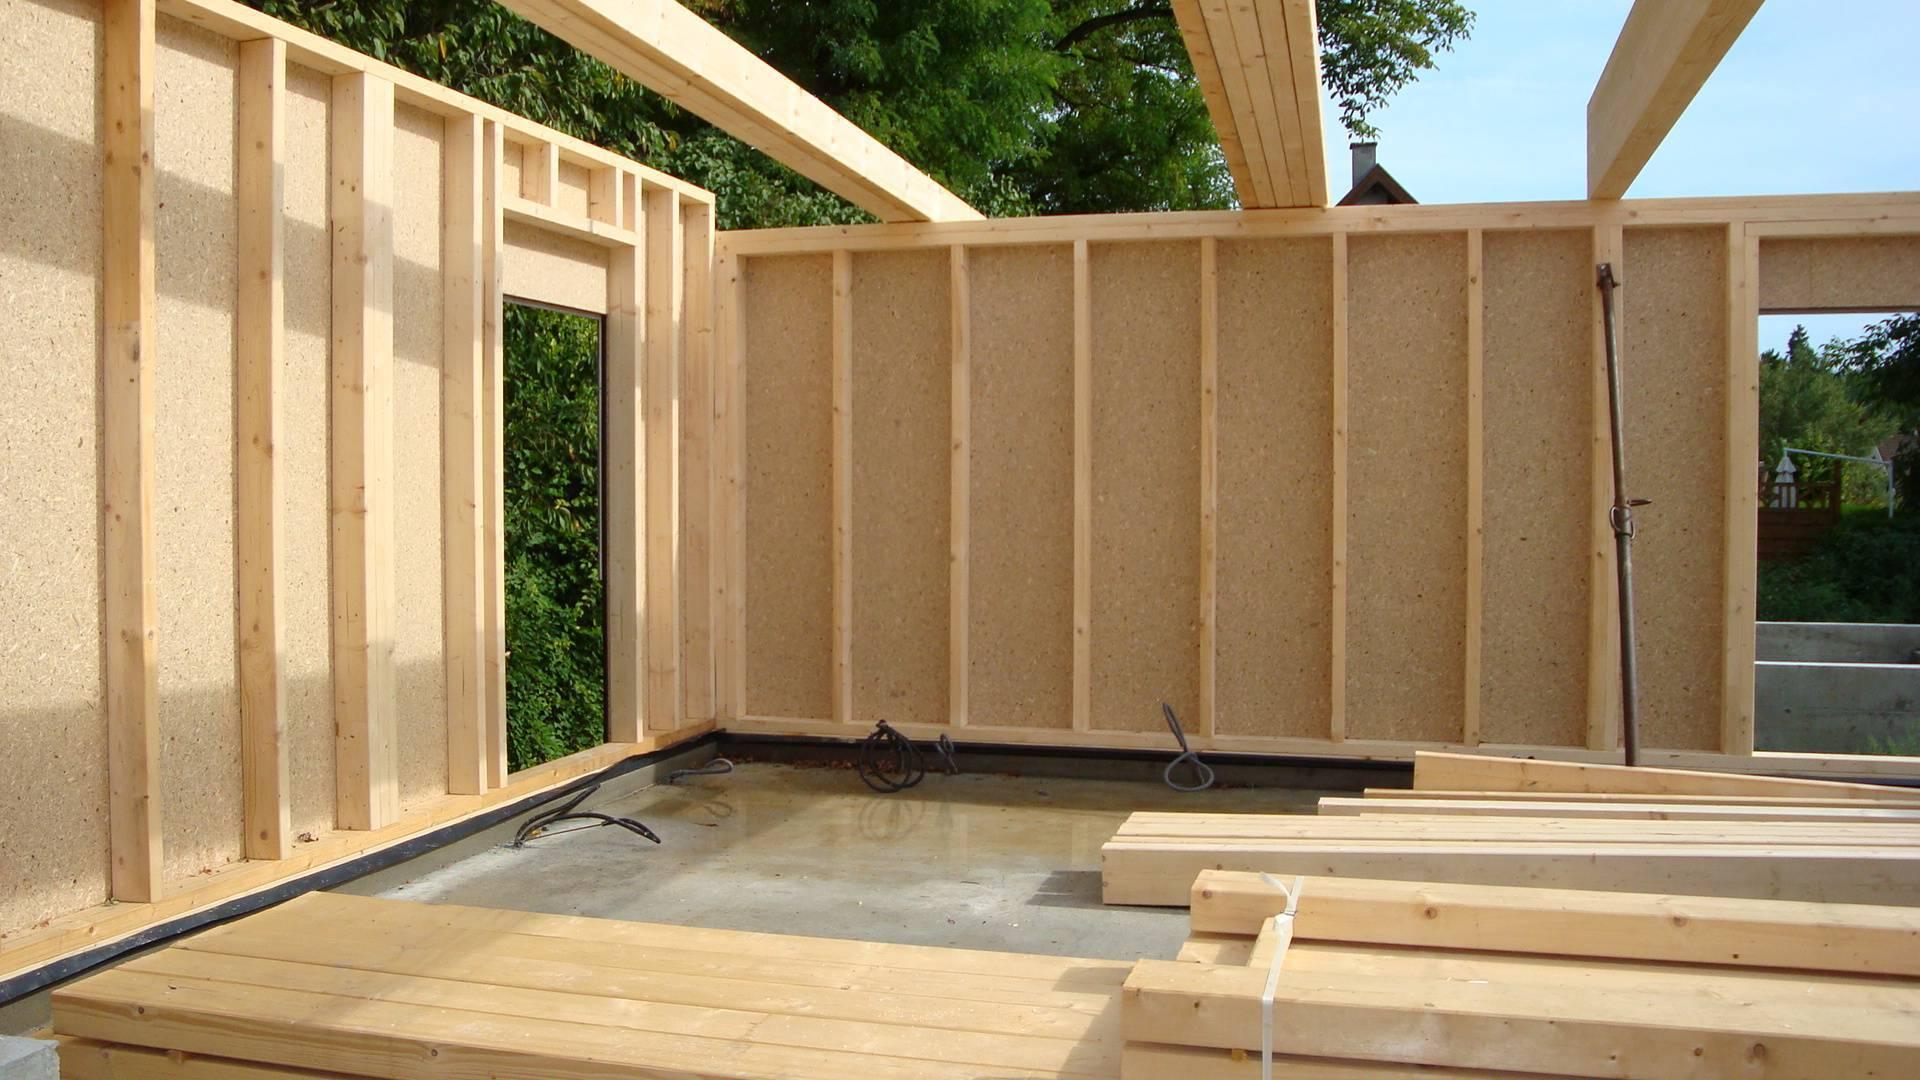 Каркасный дом из осб плит: как обшить,толщина osb для стен